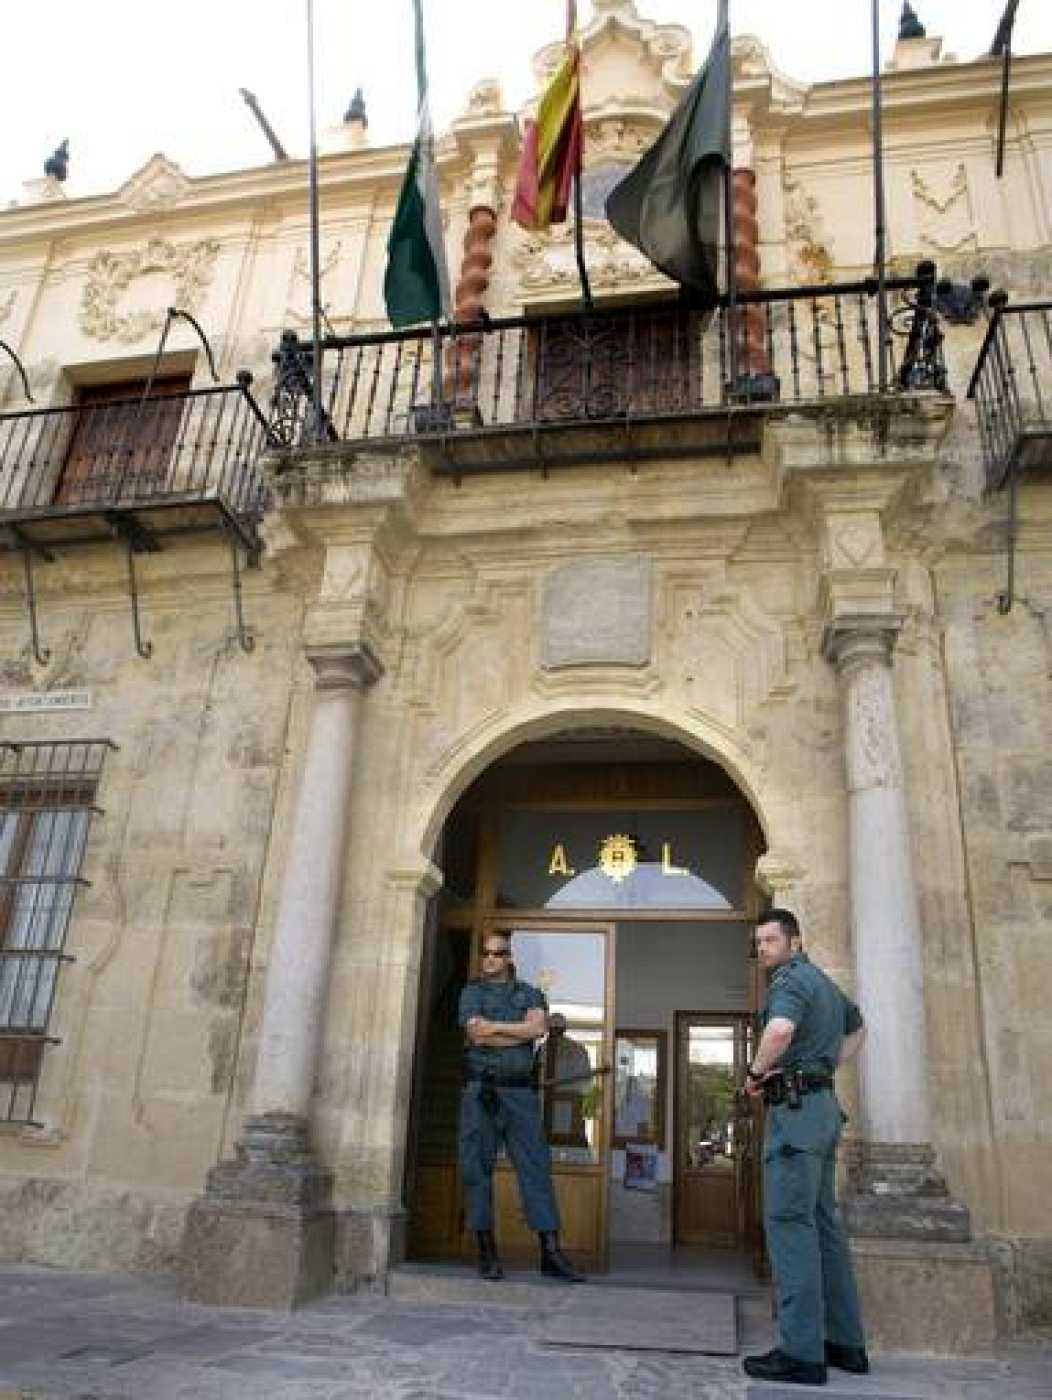 Puebla de sanabria dating